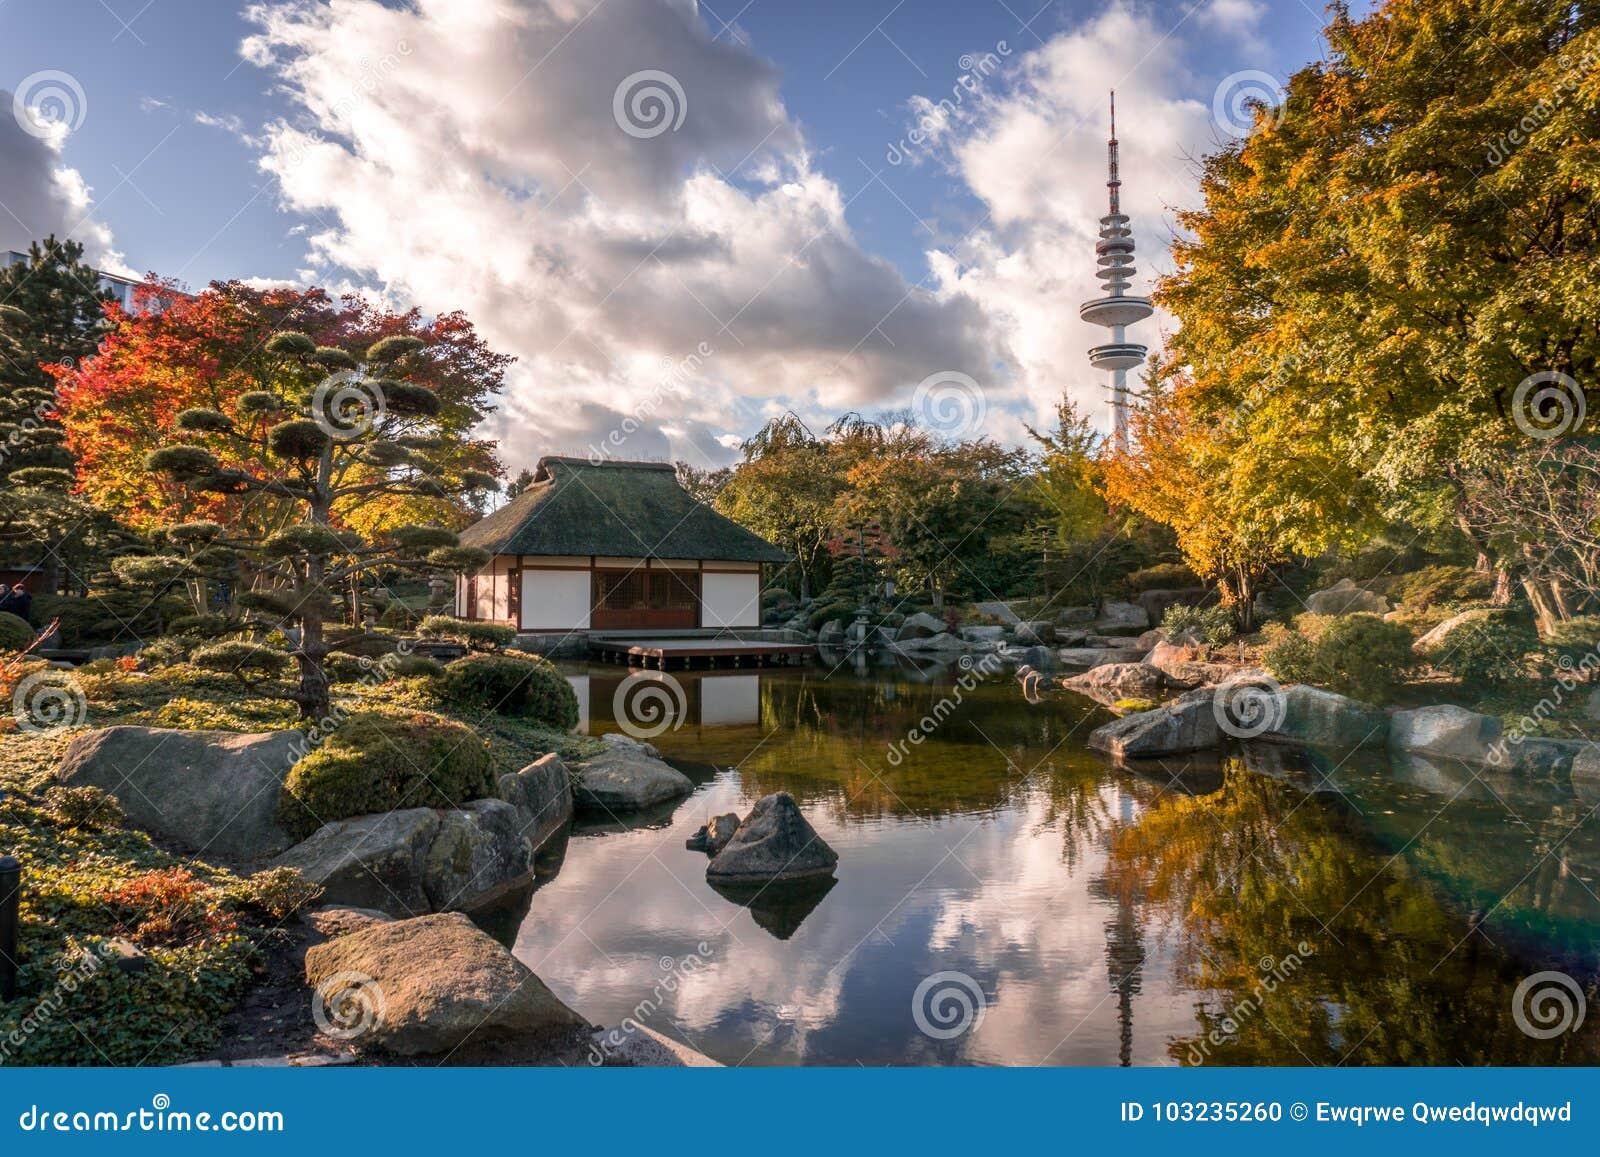 Японский сад Гамбург HDR